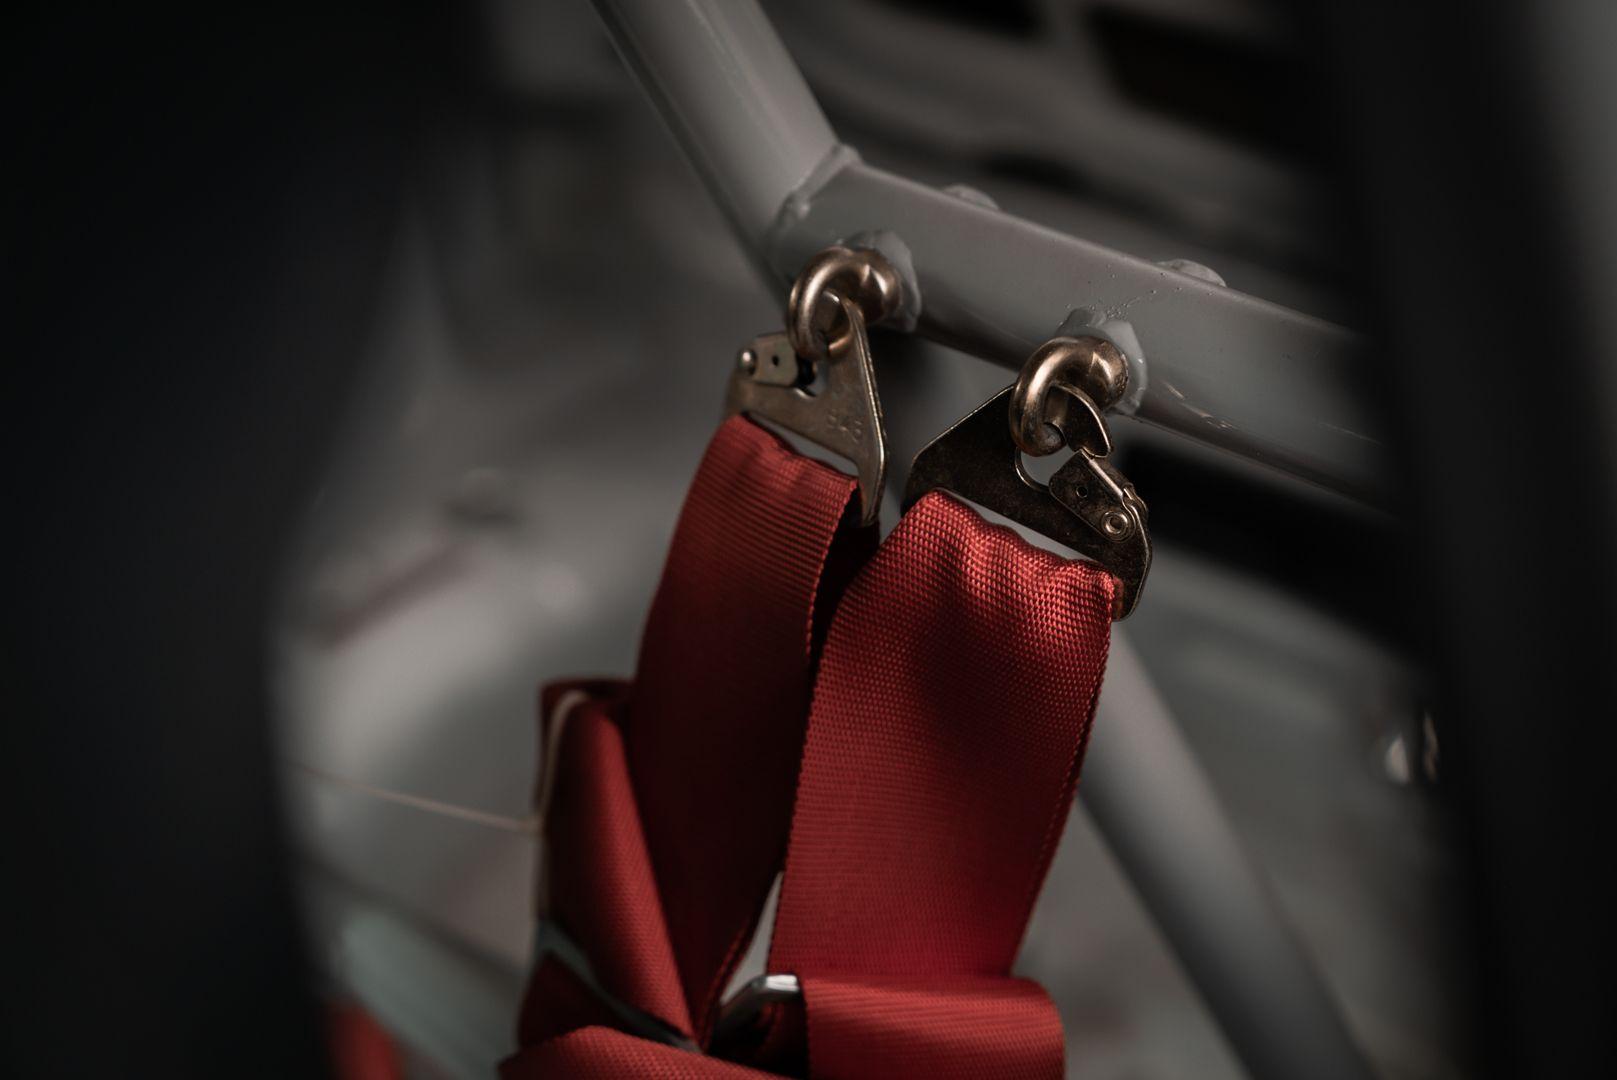 2008 Fiat 500 Abarth Assetto Corse 45/49 77375